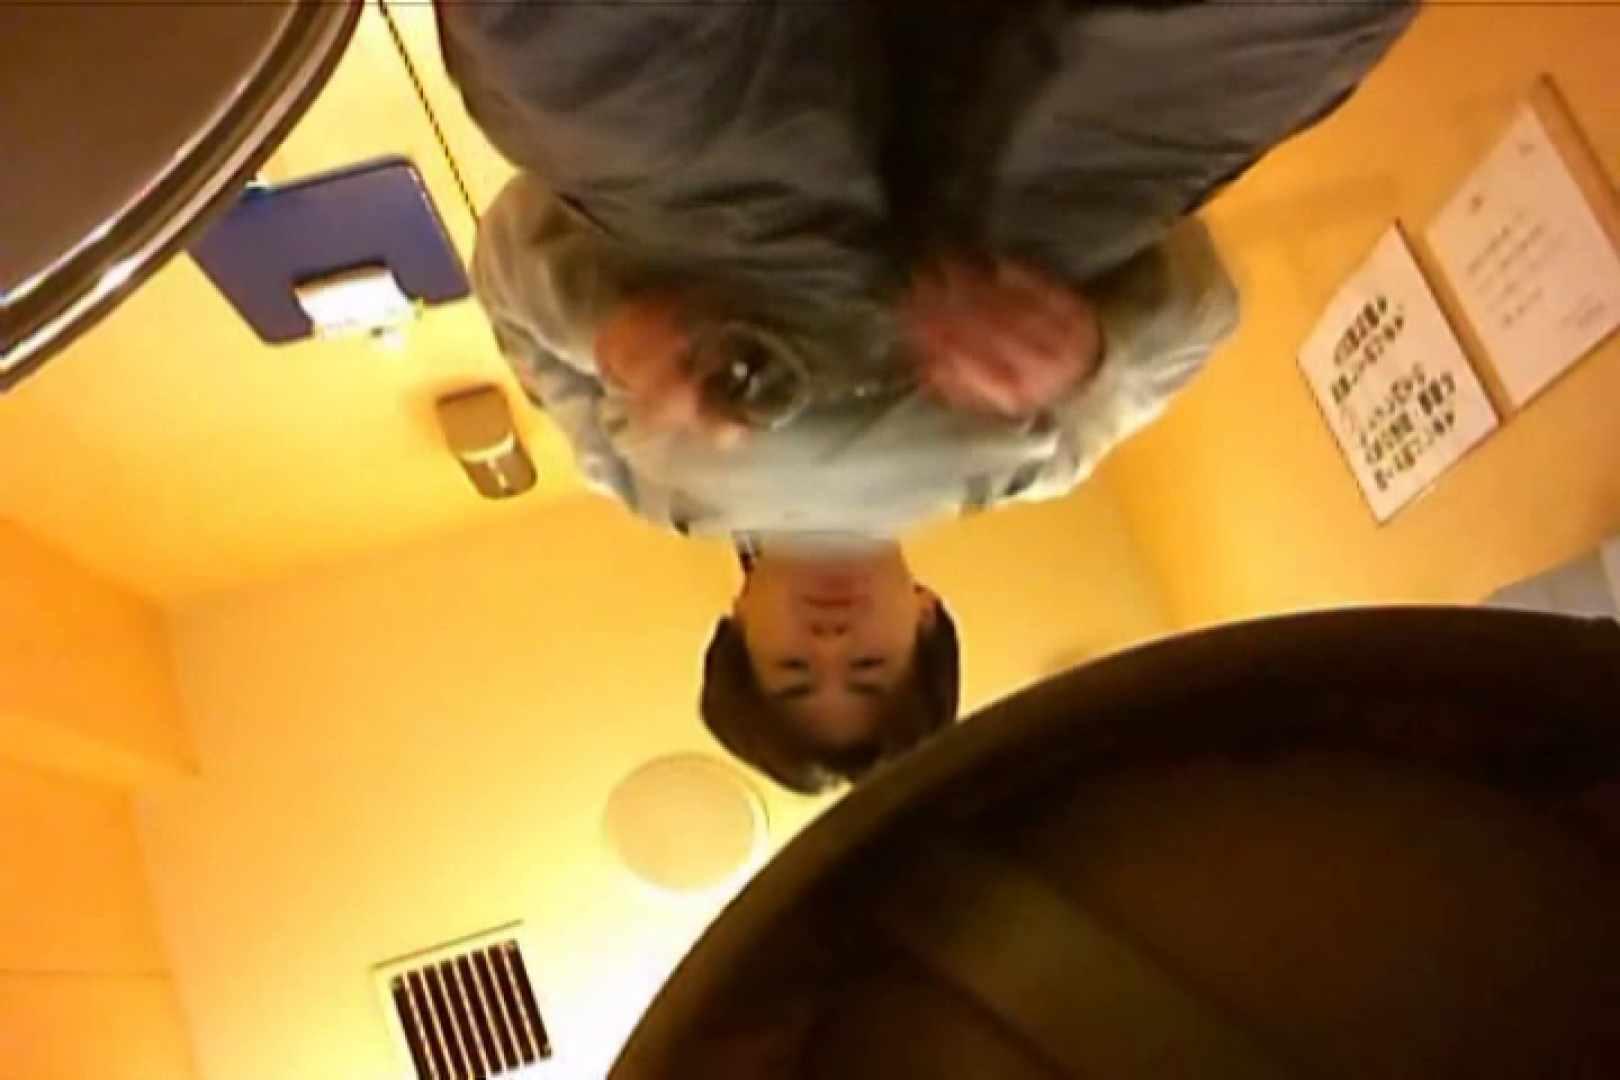 SEASON 2ND!掴み取りさんの洗面所覗き!in新幹線!VOL.04 完全無修正でお届け   ノンケボーイズ  64pic 21